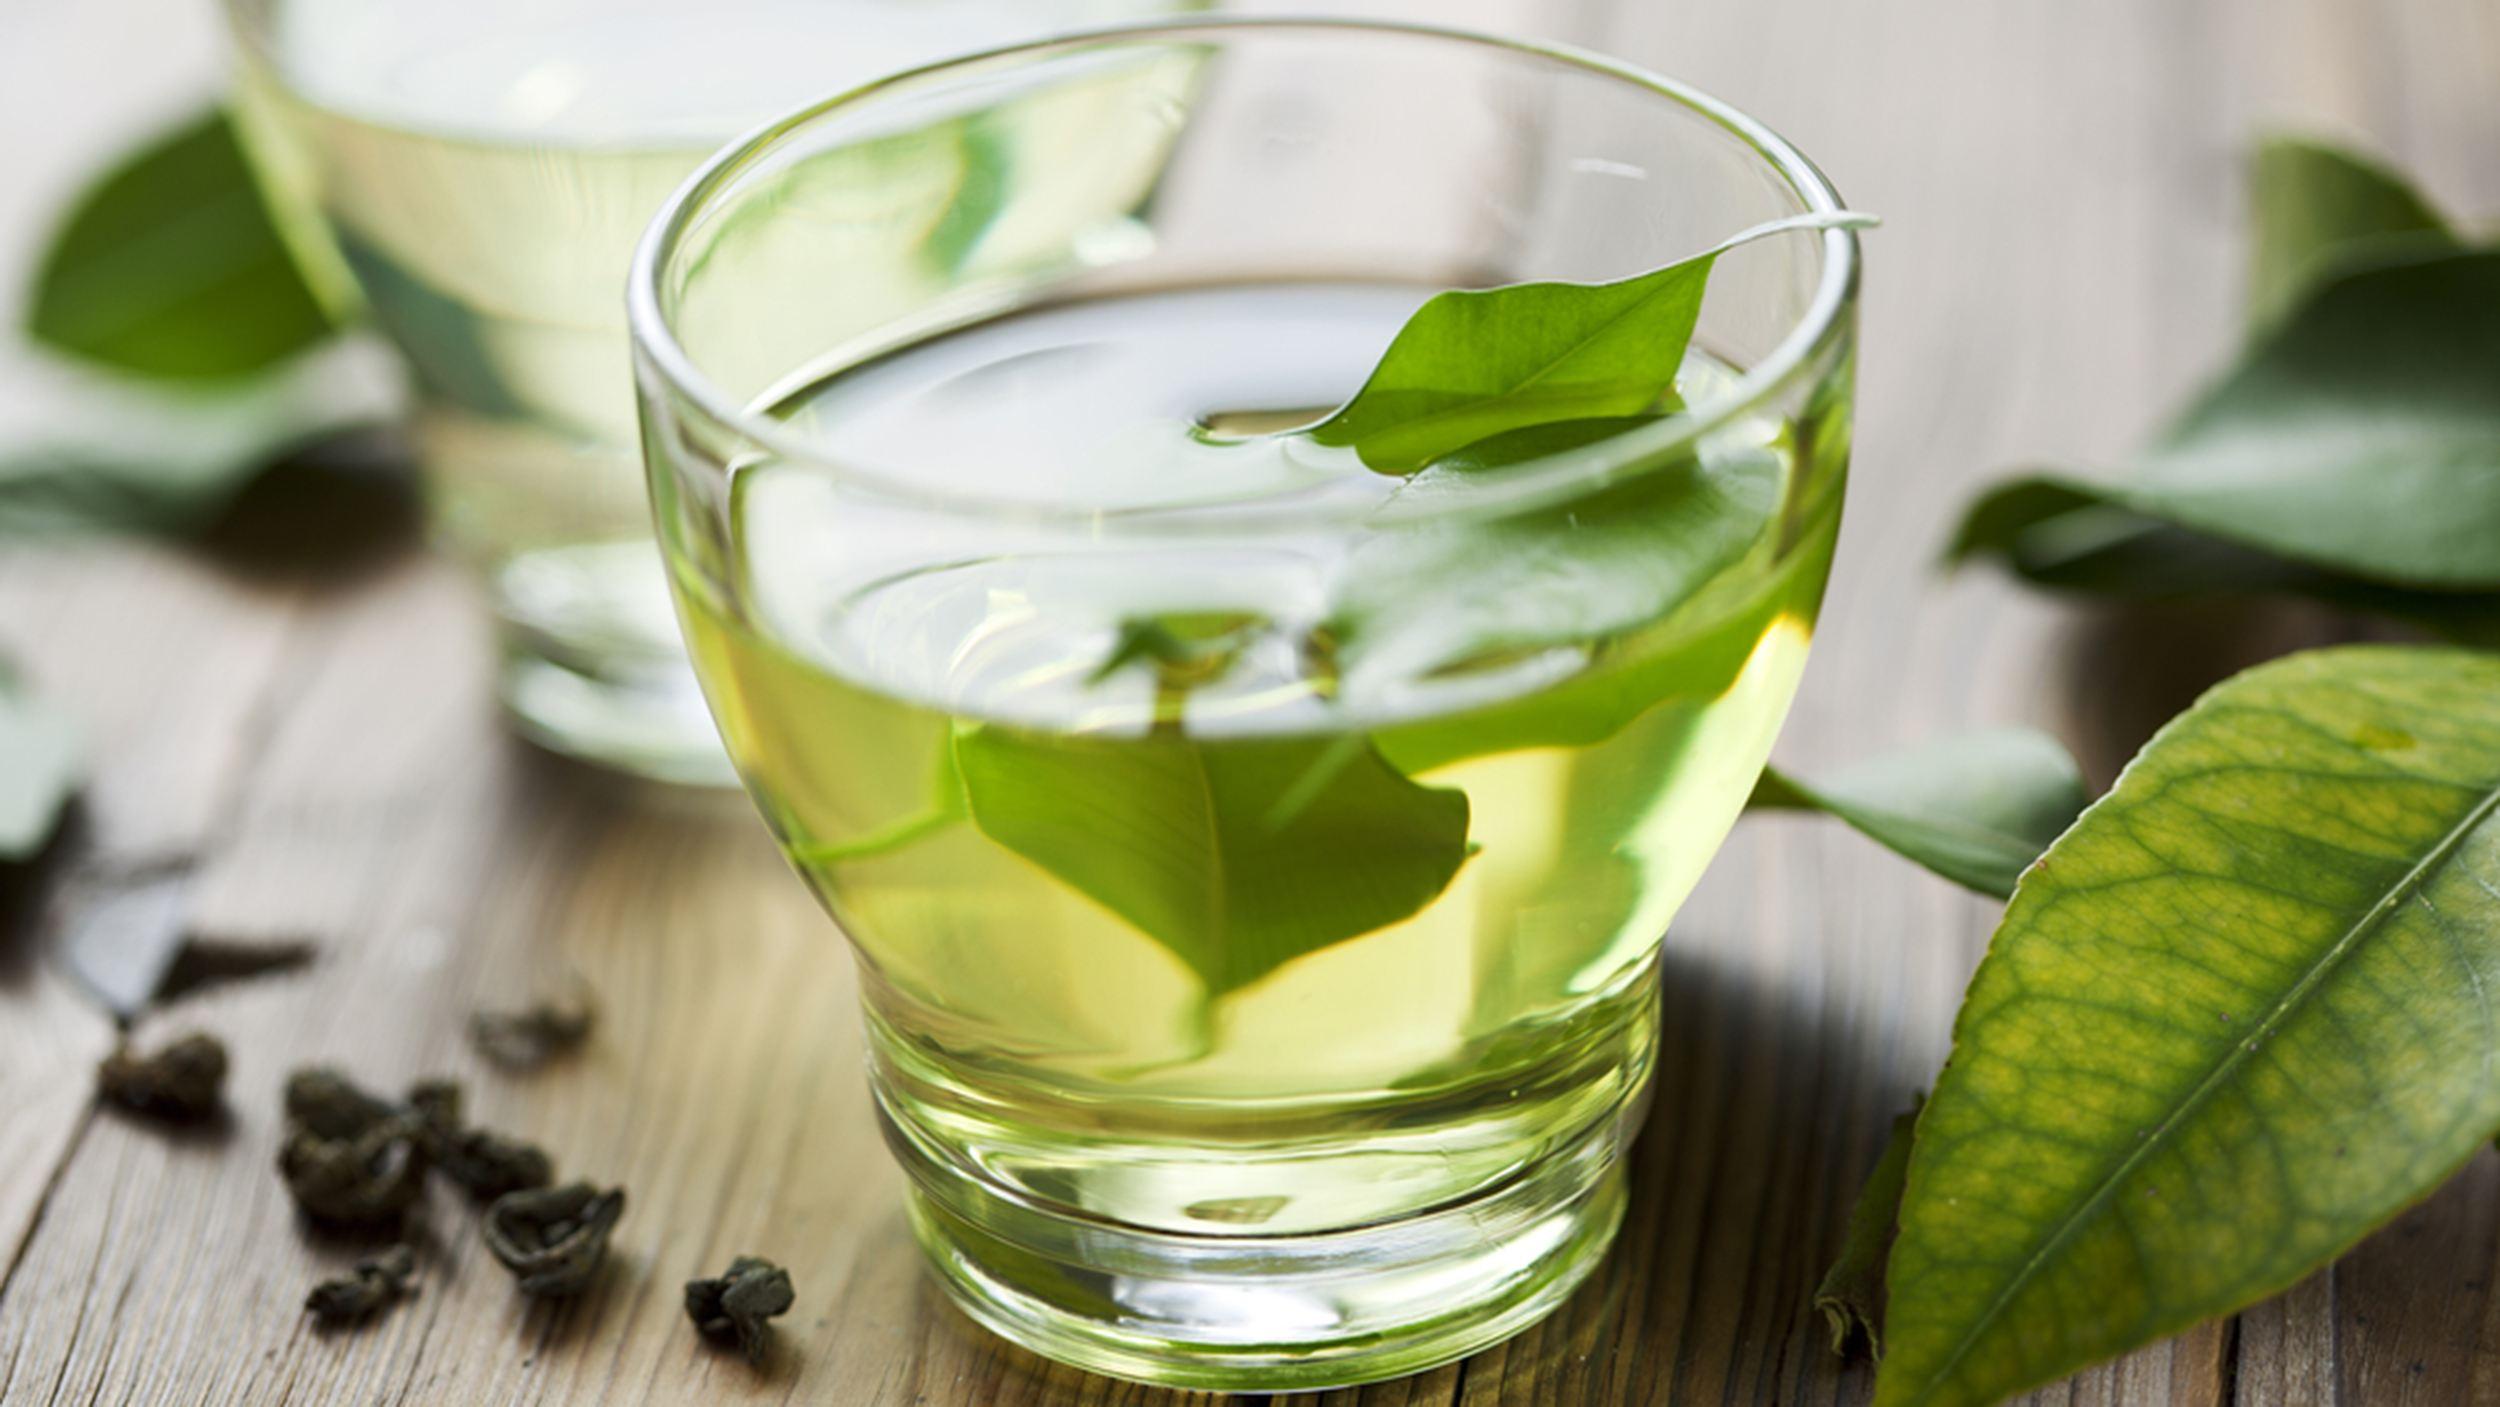 喝绿茶吃胡萝卜可治老年痴呆